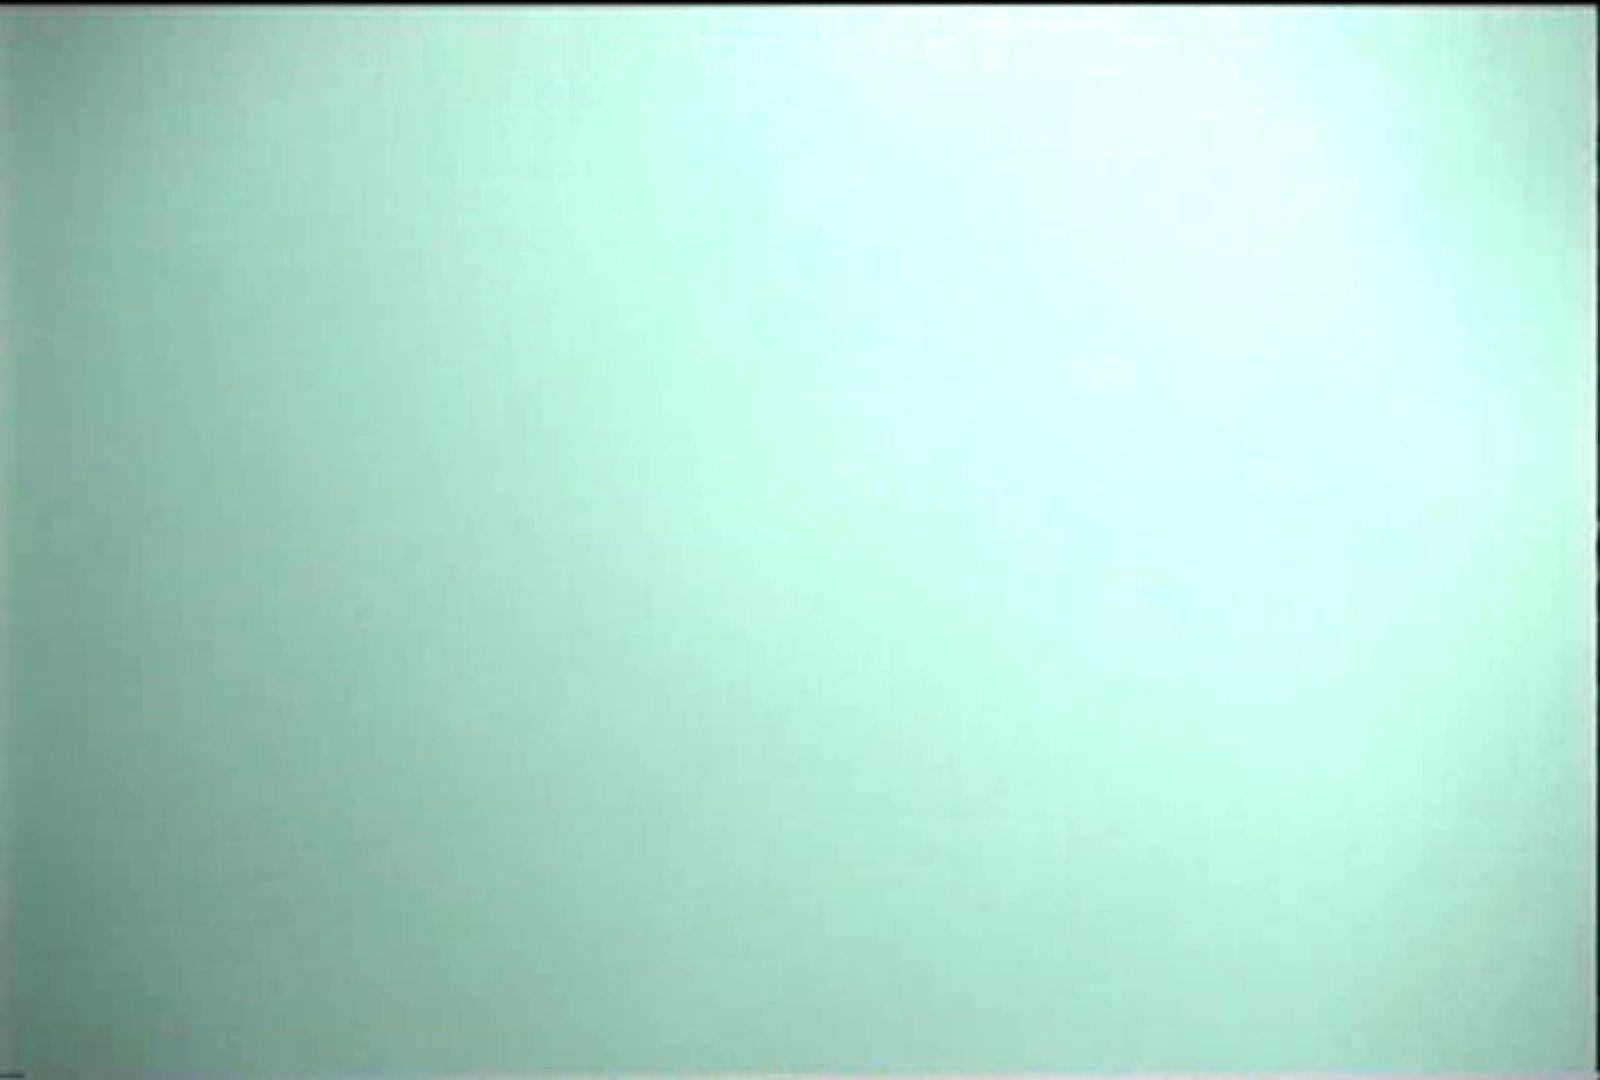 充血監督の深夜の運動会Vol.81 OLの実態 盗撮われめAV動画紹介 53pic 53